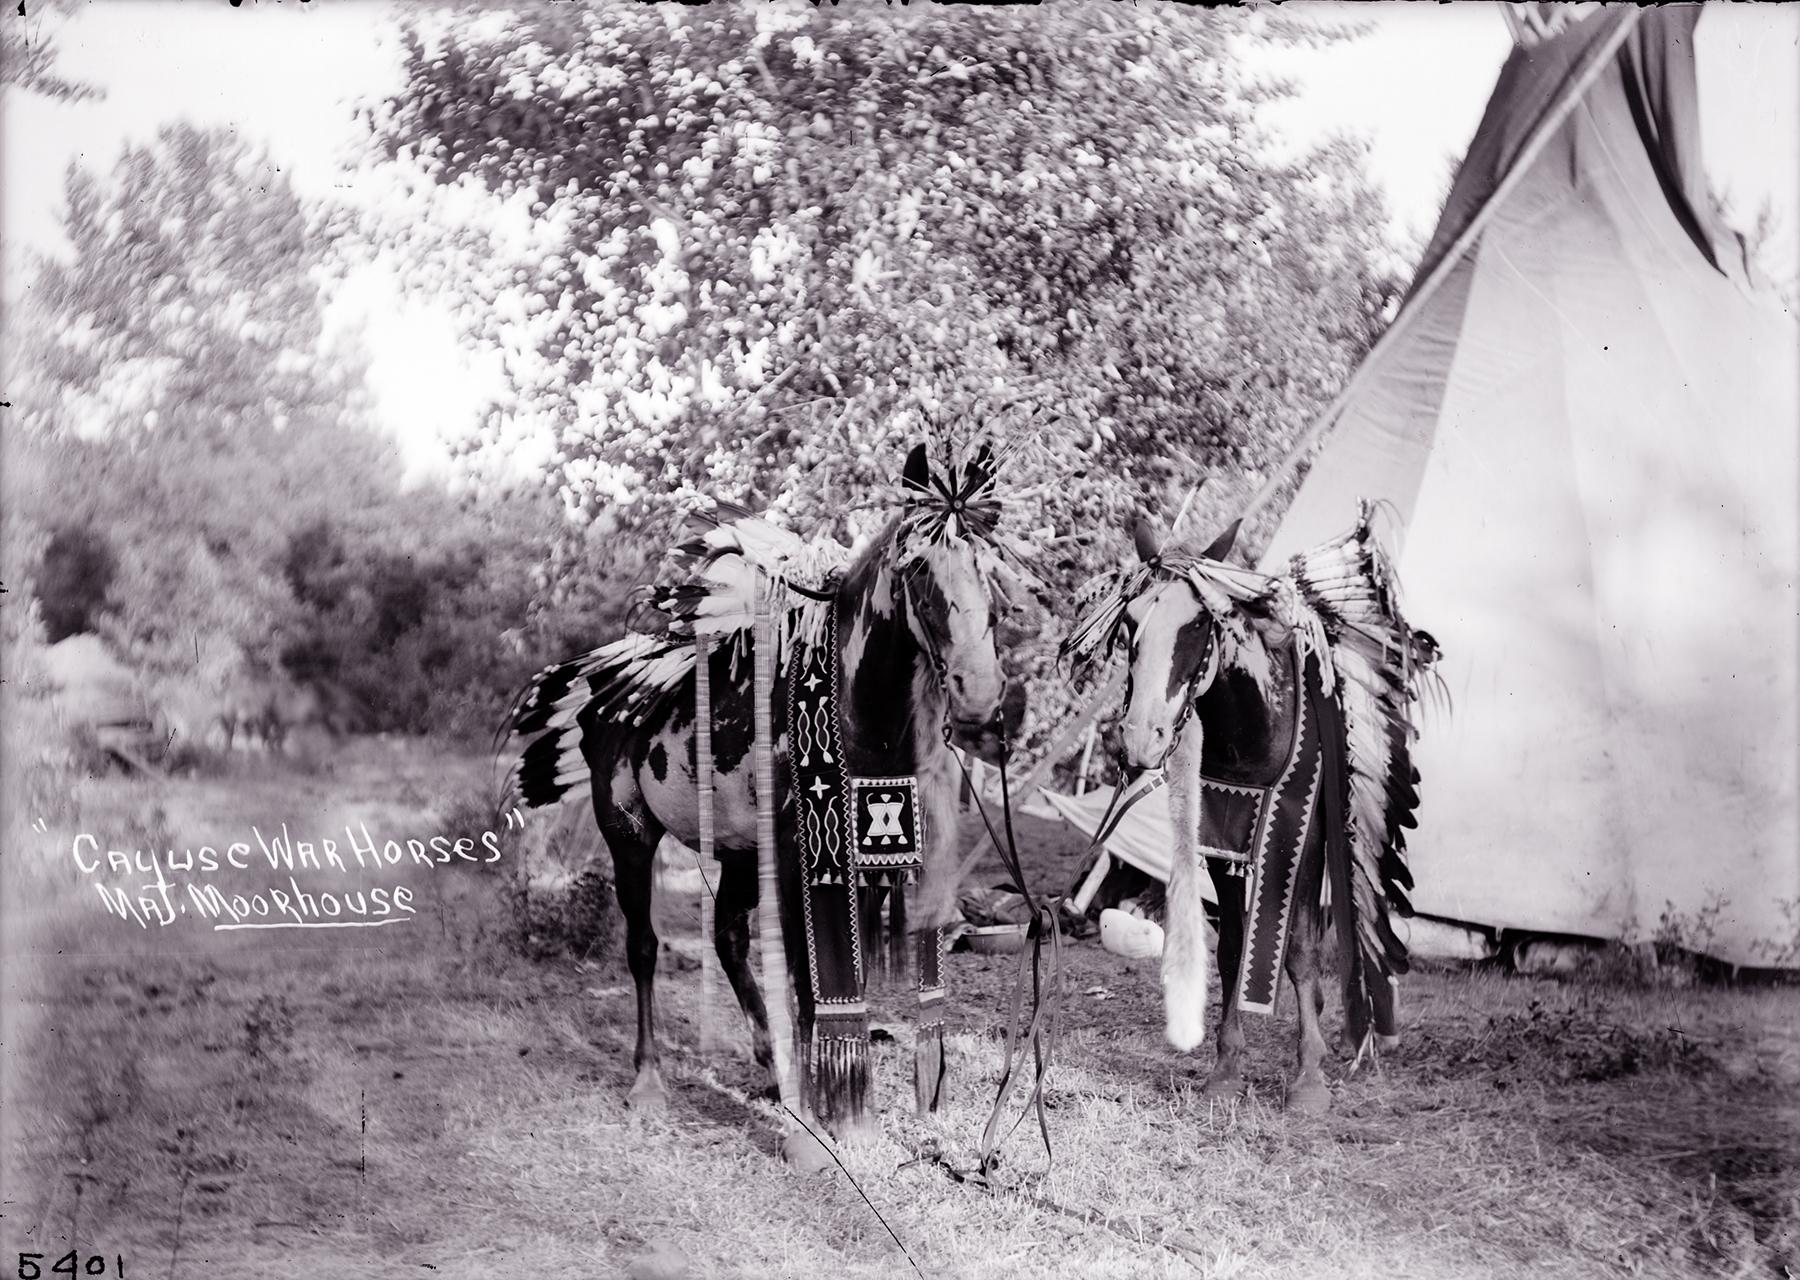 cayuse single guys Style# 14849shaft height shaft leather11 kidskin/ dakota militarshaft stitching vamp & counterdalhart caballo rancho honey/ caballo rancho honeytoe scallopblunt ddswelt / welt row sole edge.